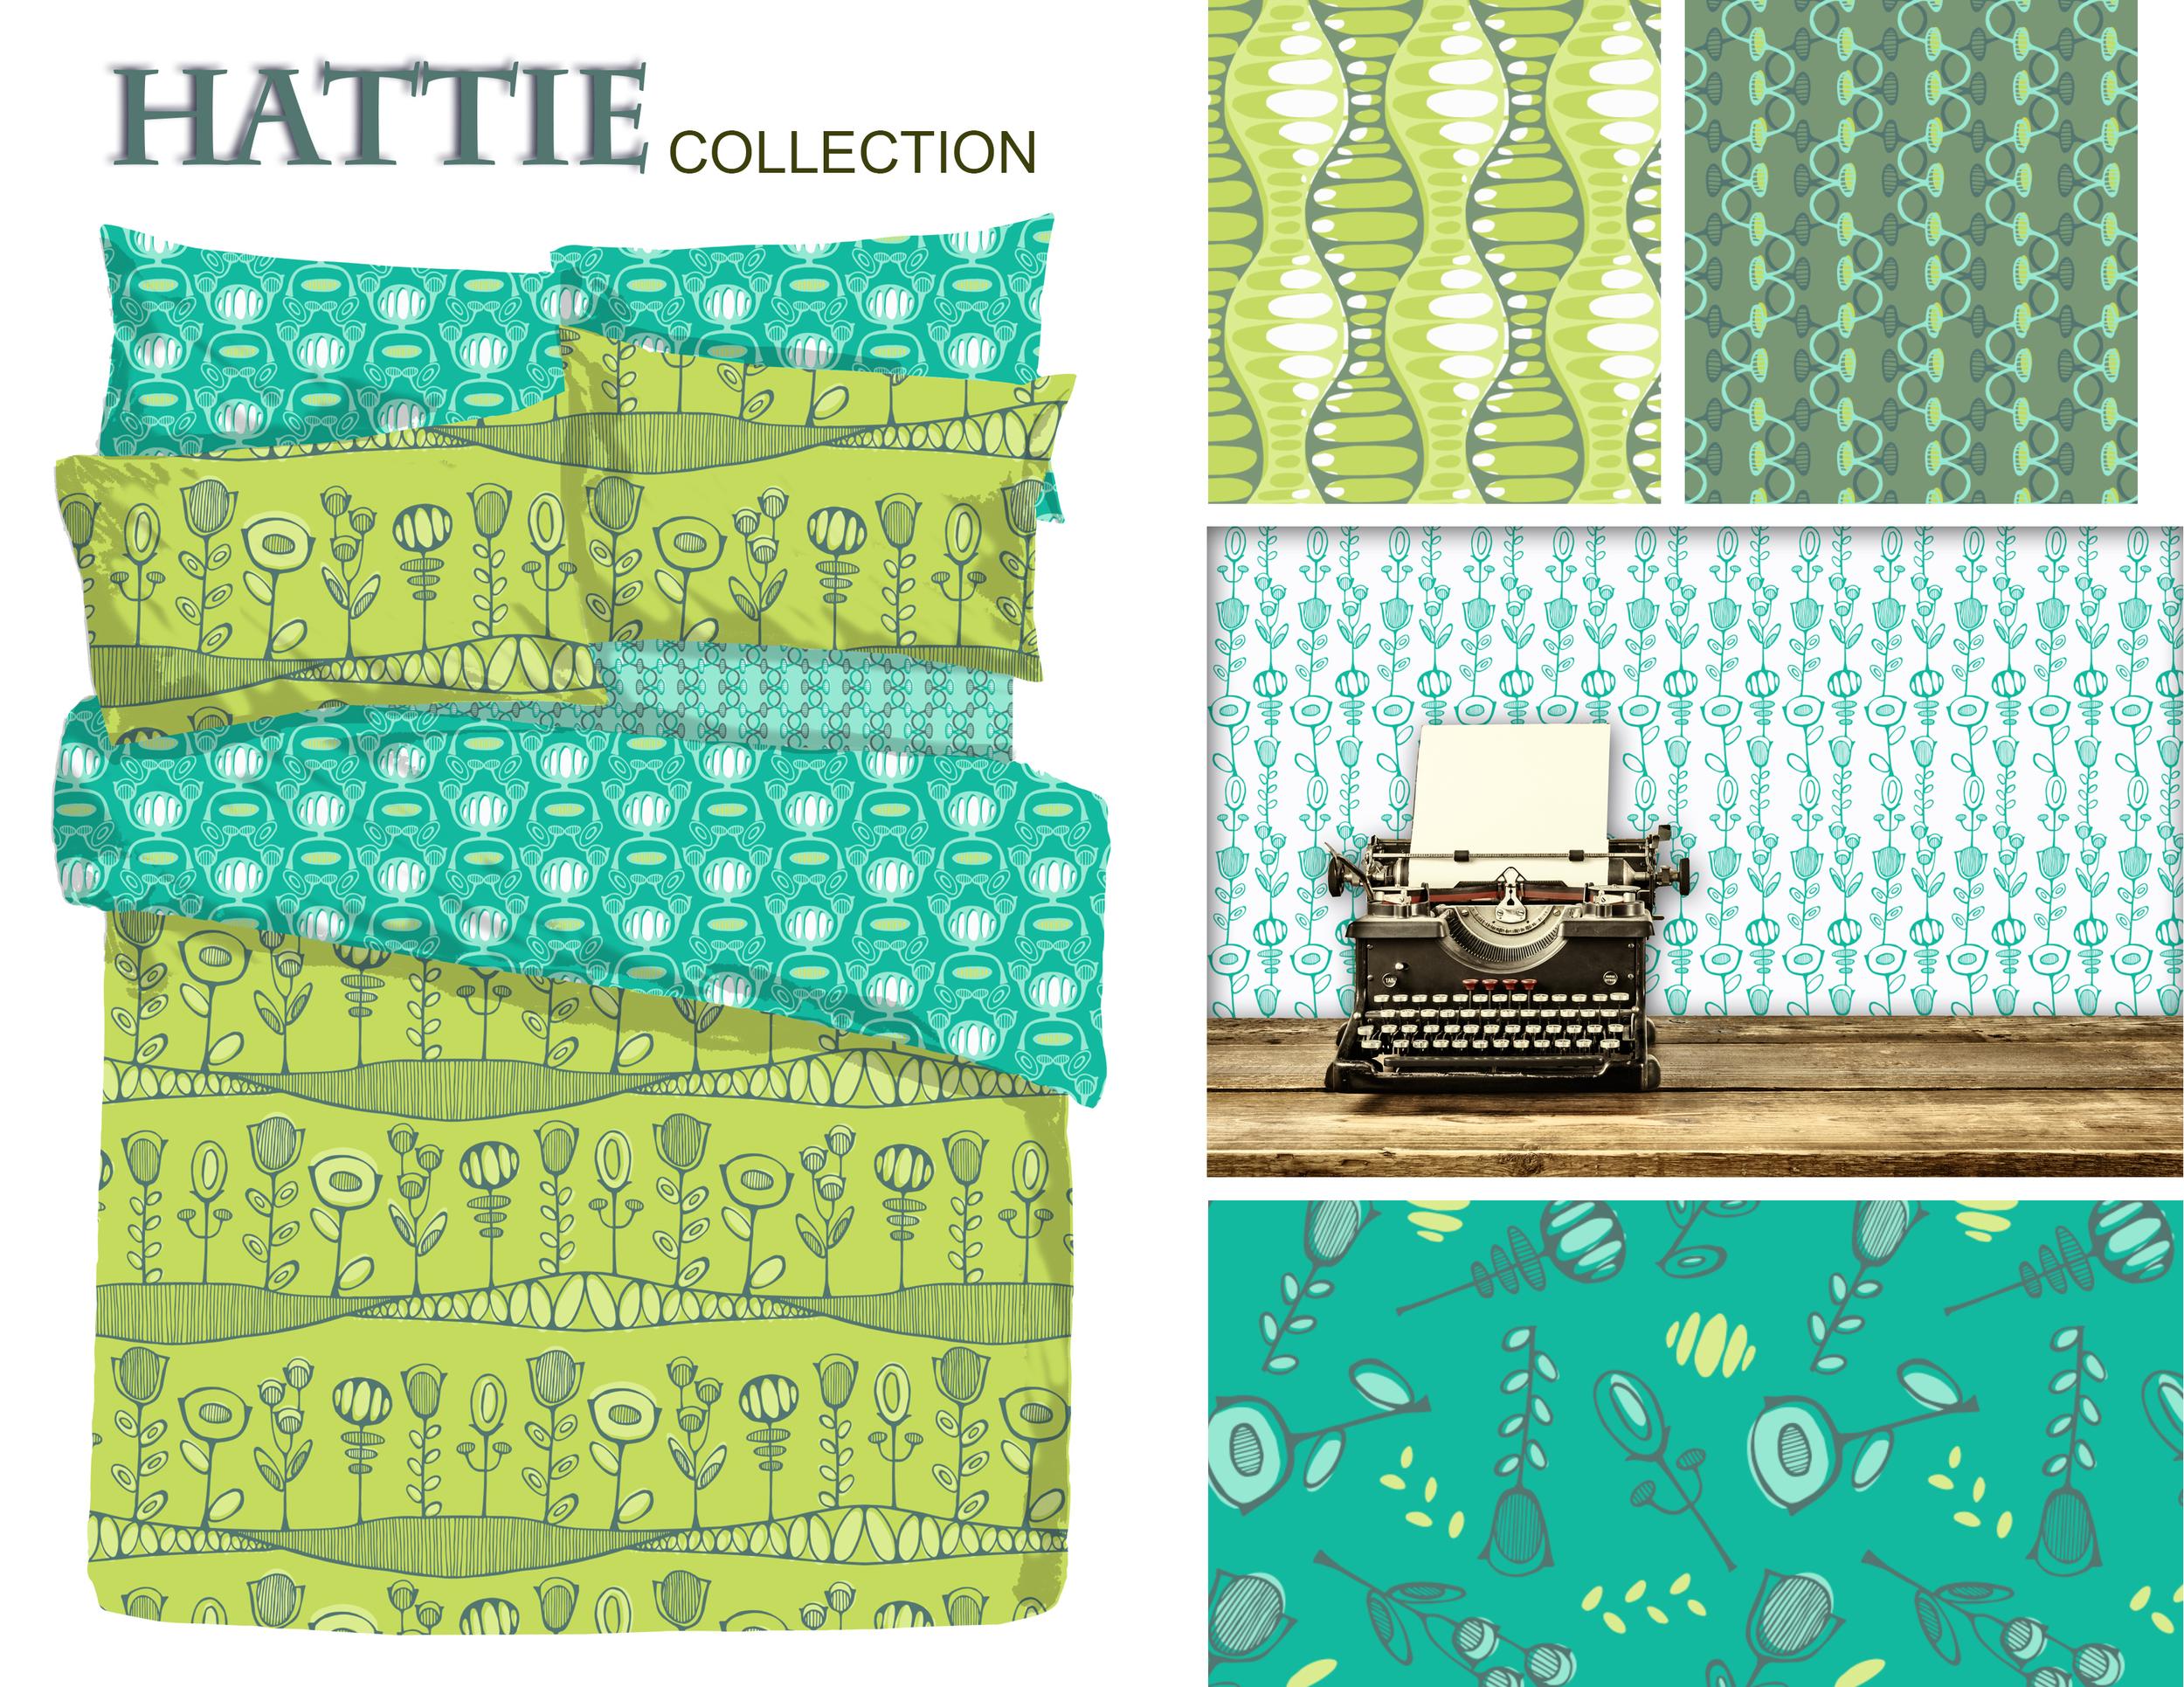 Hattie patterned mockups2.jpg